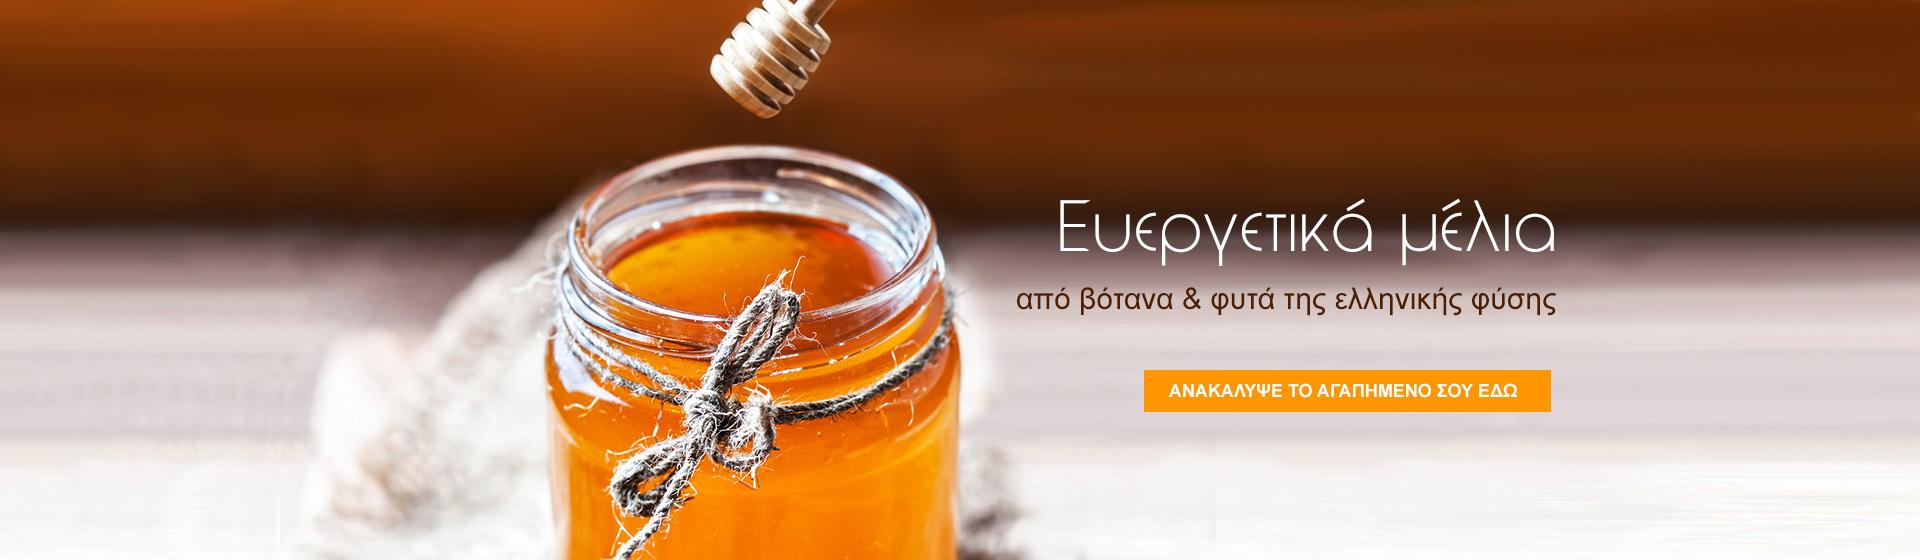 Ευεργετικά μέλια